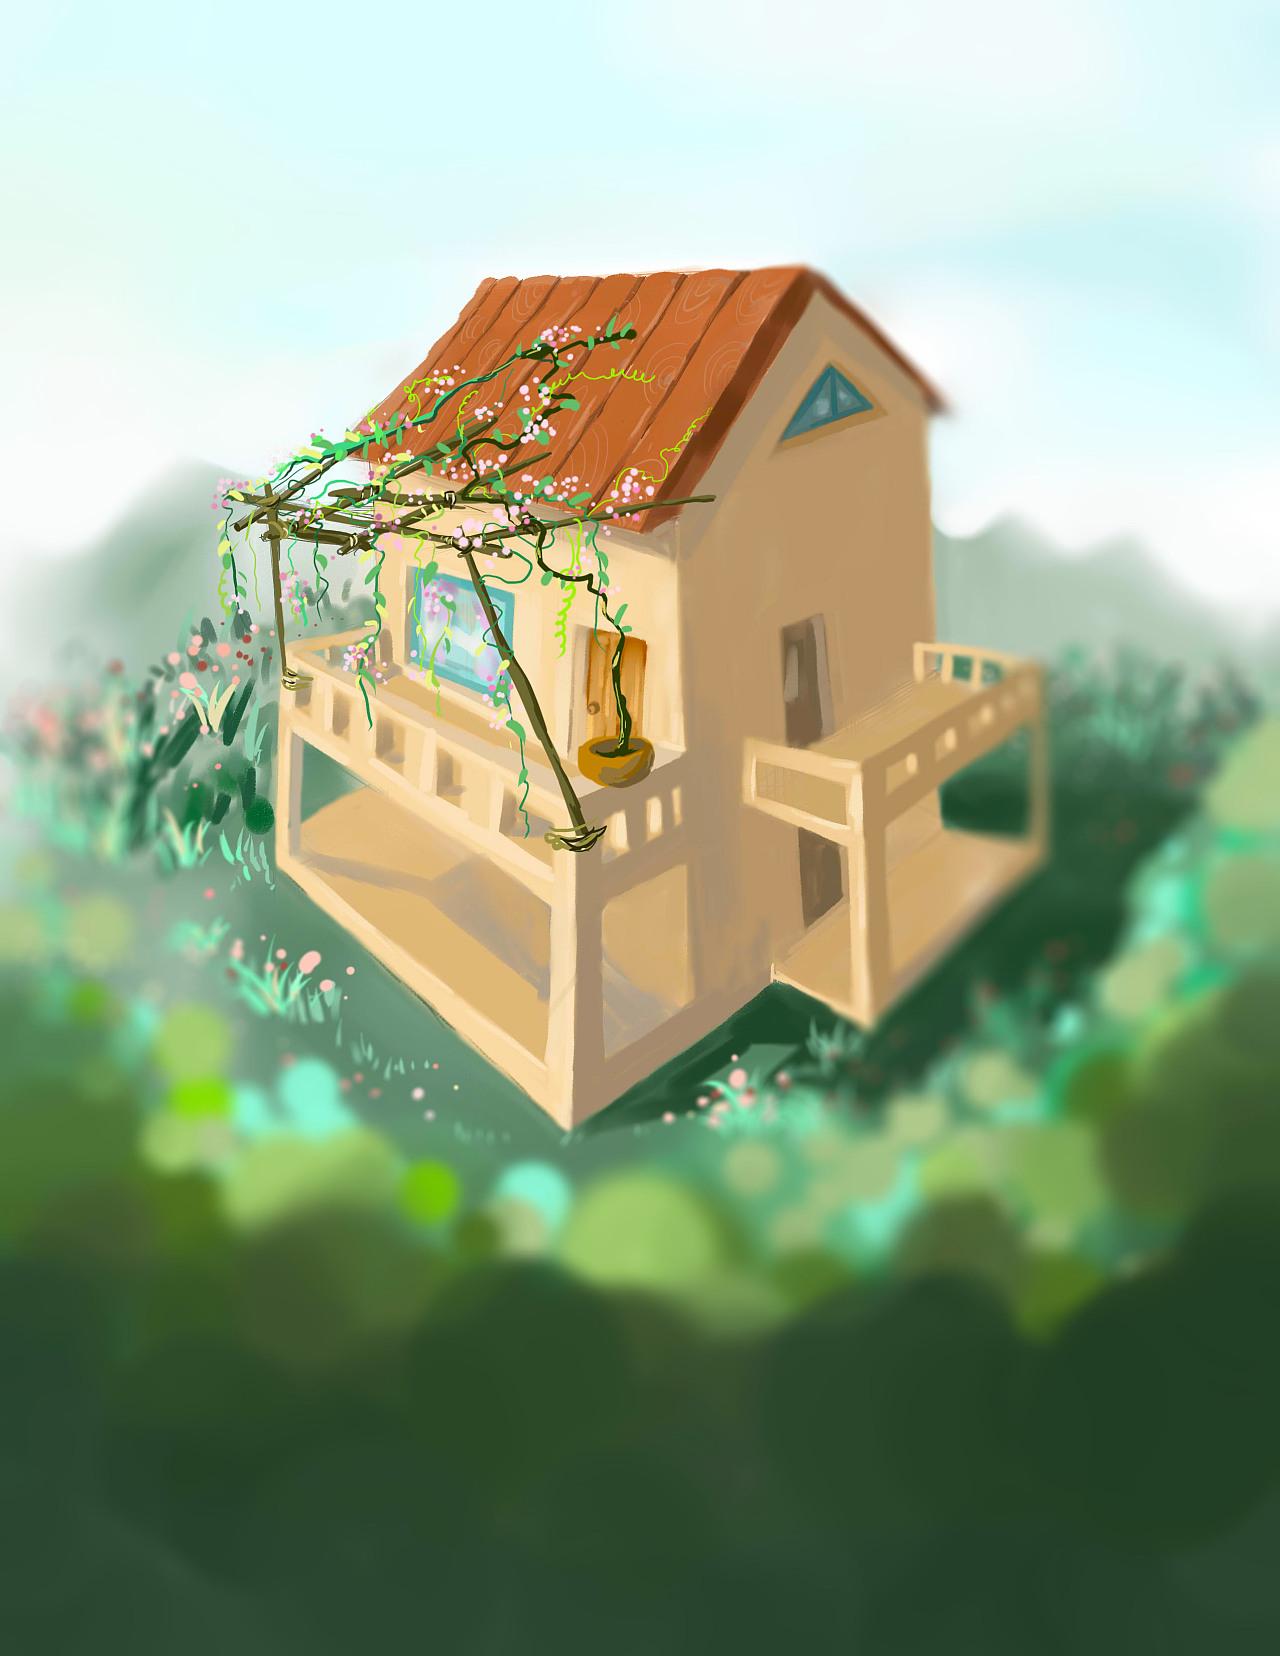 尝试画的小房子